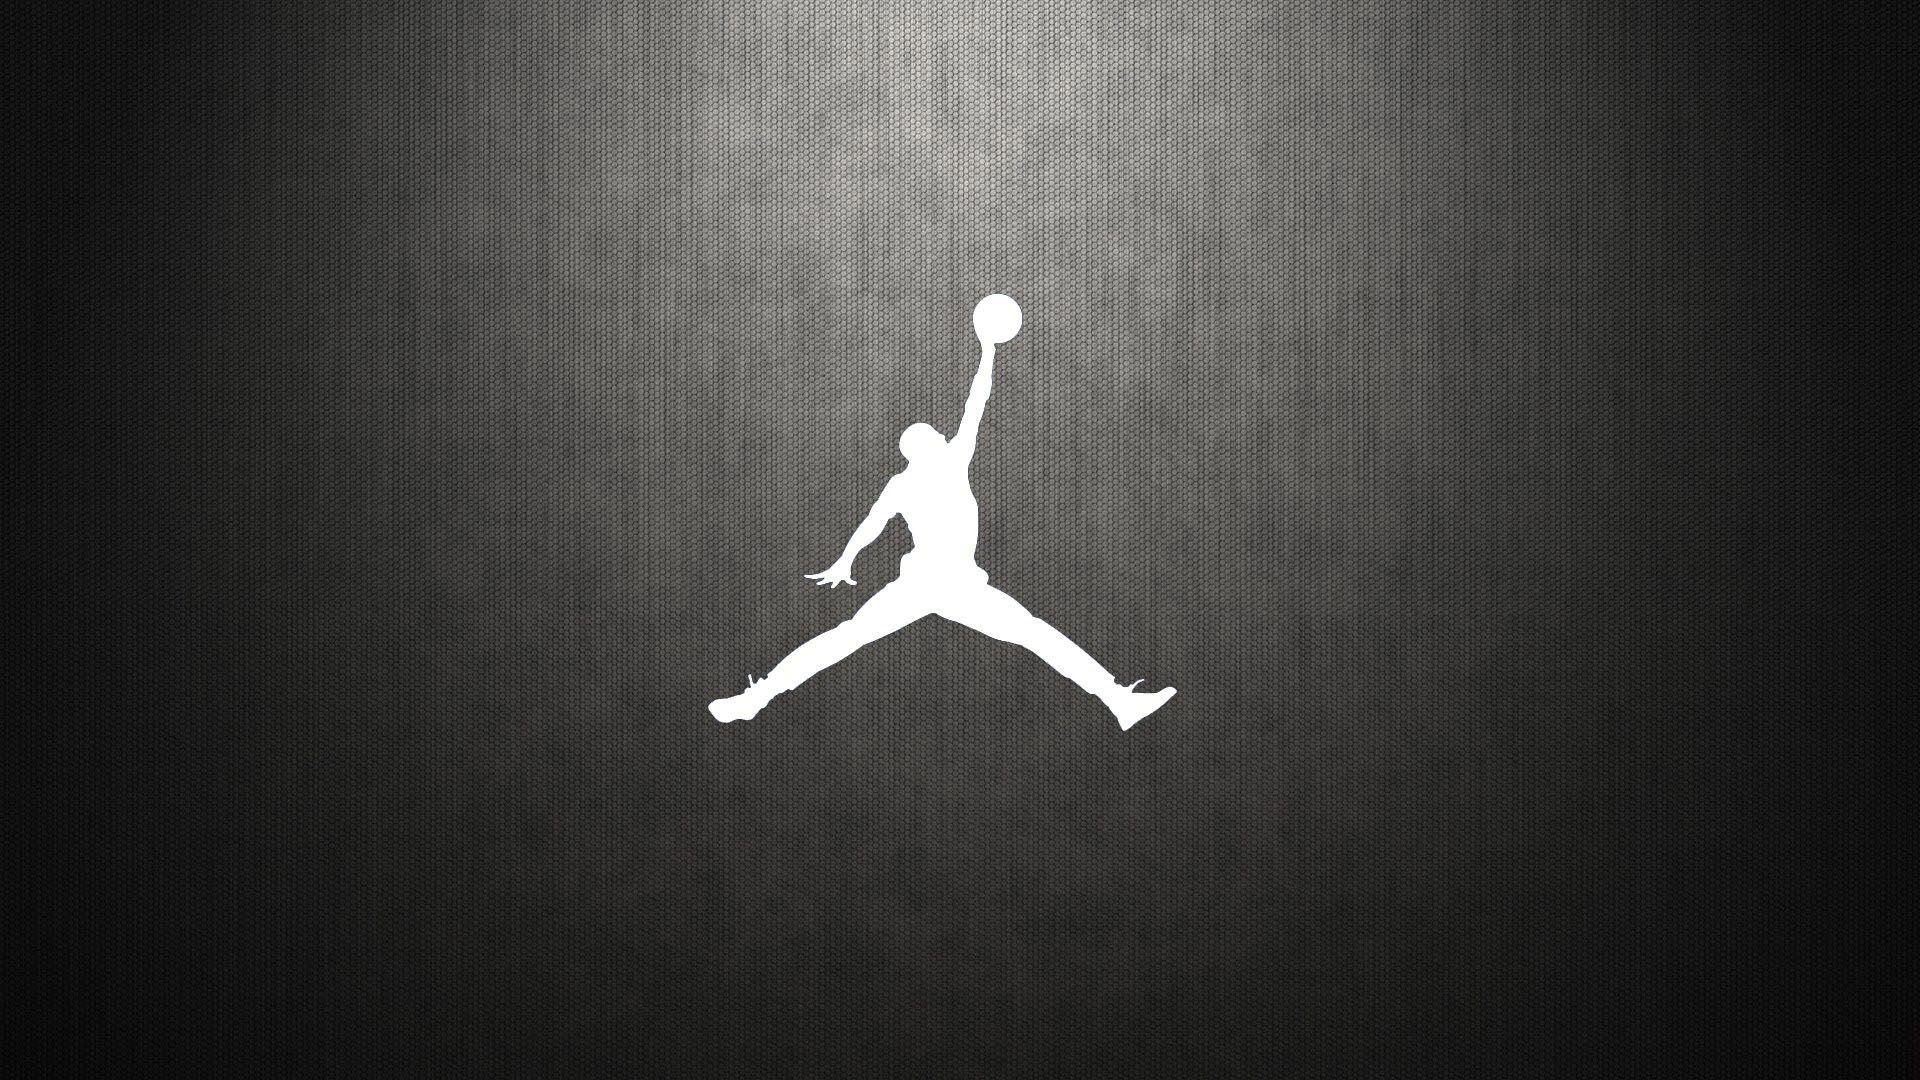 air jordan logo wallpaper 1080